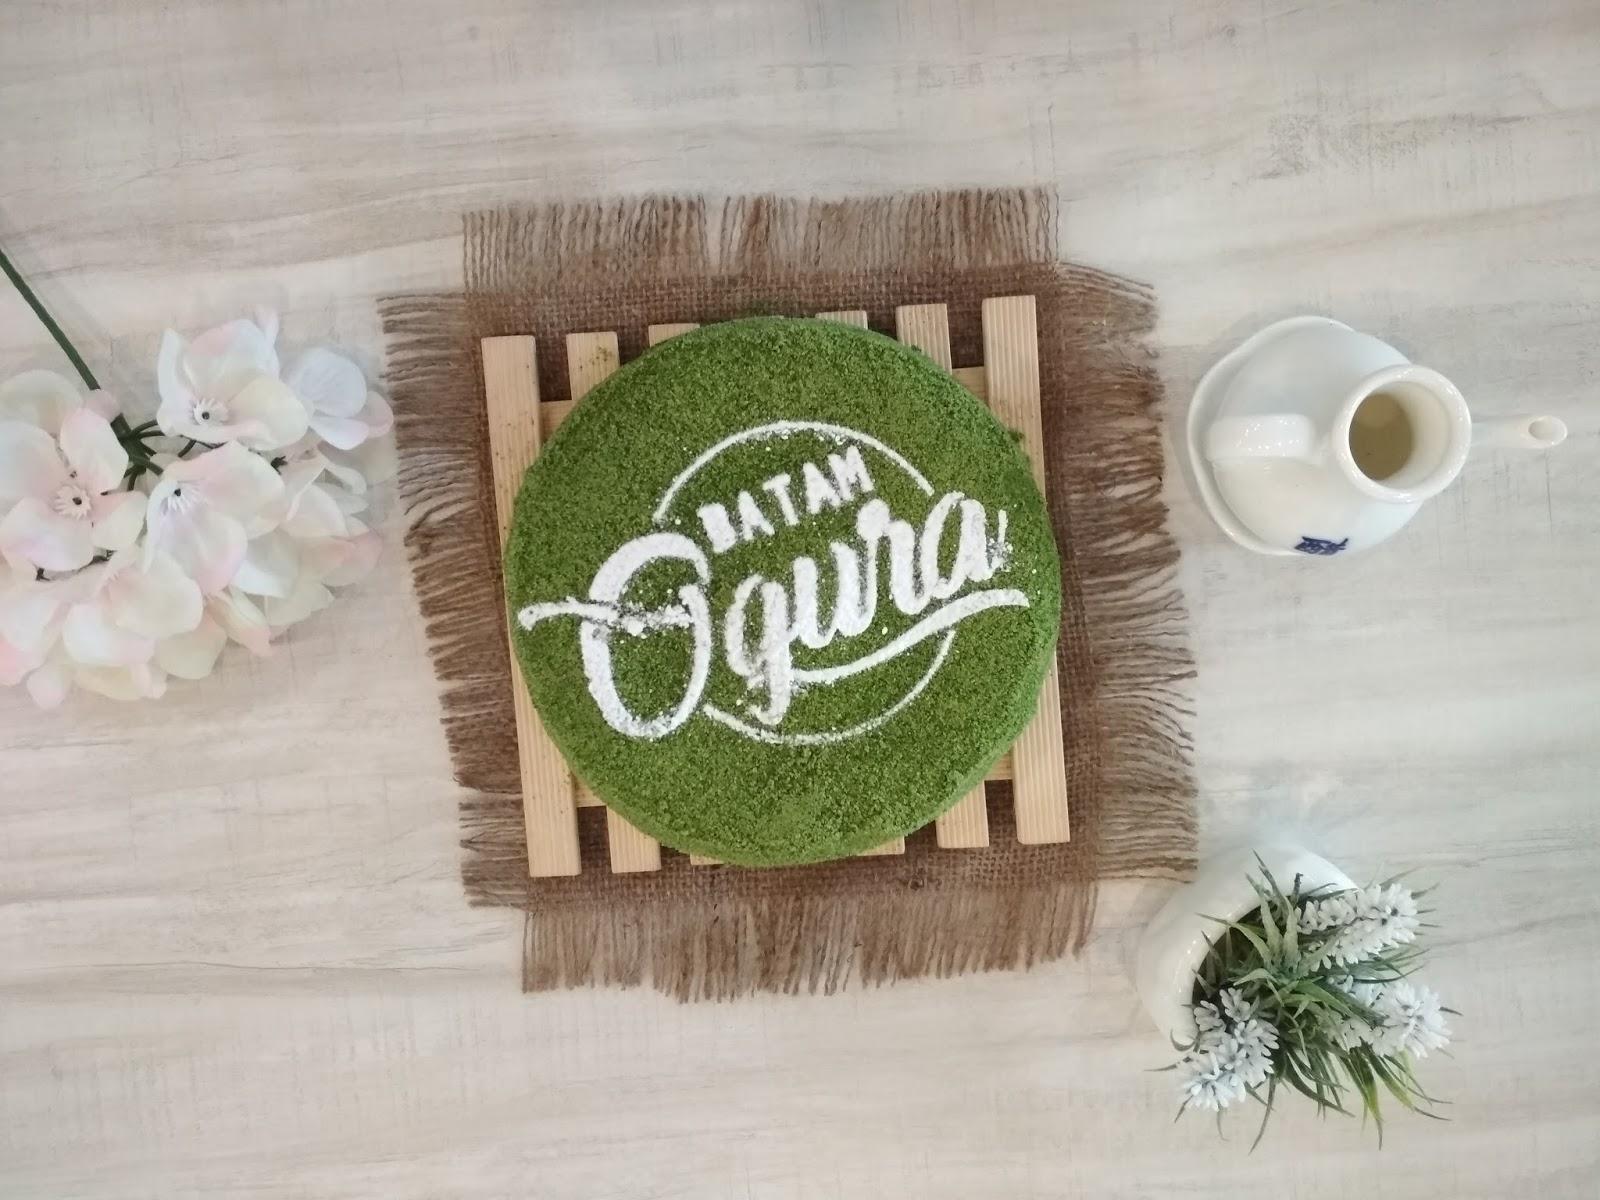 Ogura Greentea